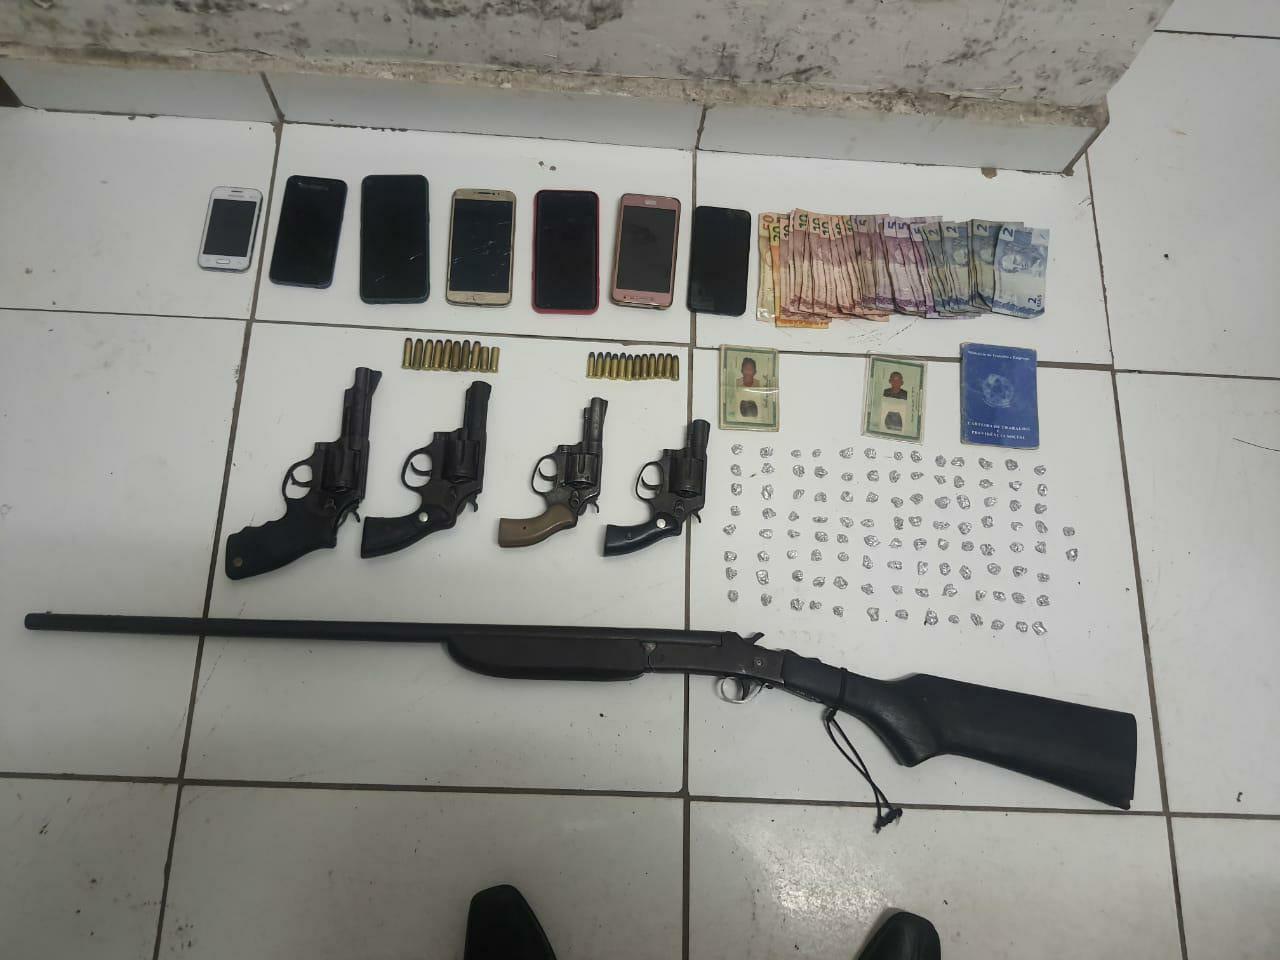 POLÍCIA CIVIL CUMPRE MANDADOS DE PRISÃO PREVENTIVA CONTRA INTEGRANTES DE FACÇÃO CRIMONOSA E APREENDE DROGAS E ARMAS DE FOGO EM BACABEIRA